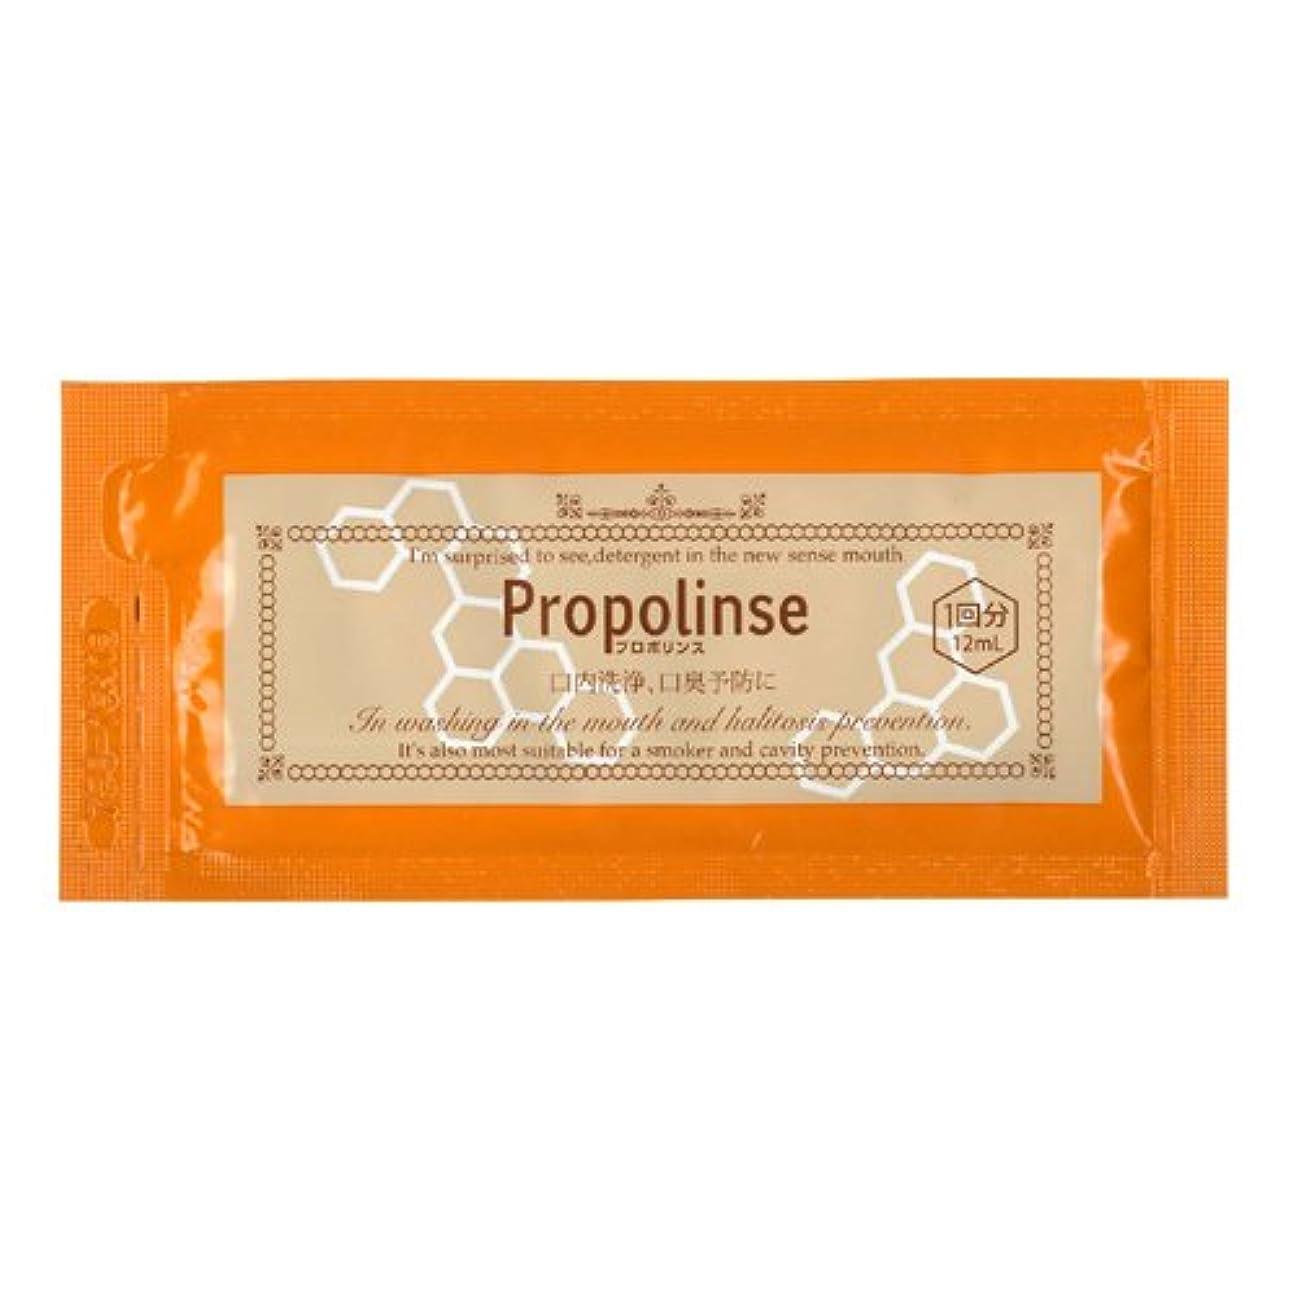 ジュニアあいまいさ見えないプロポリンス ハンディパウチ 12ml(1袋)×100袋